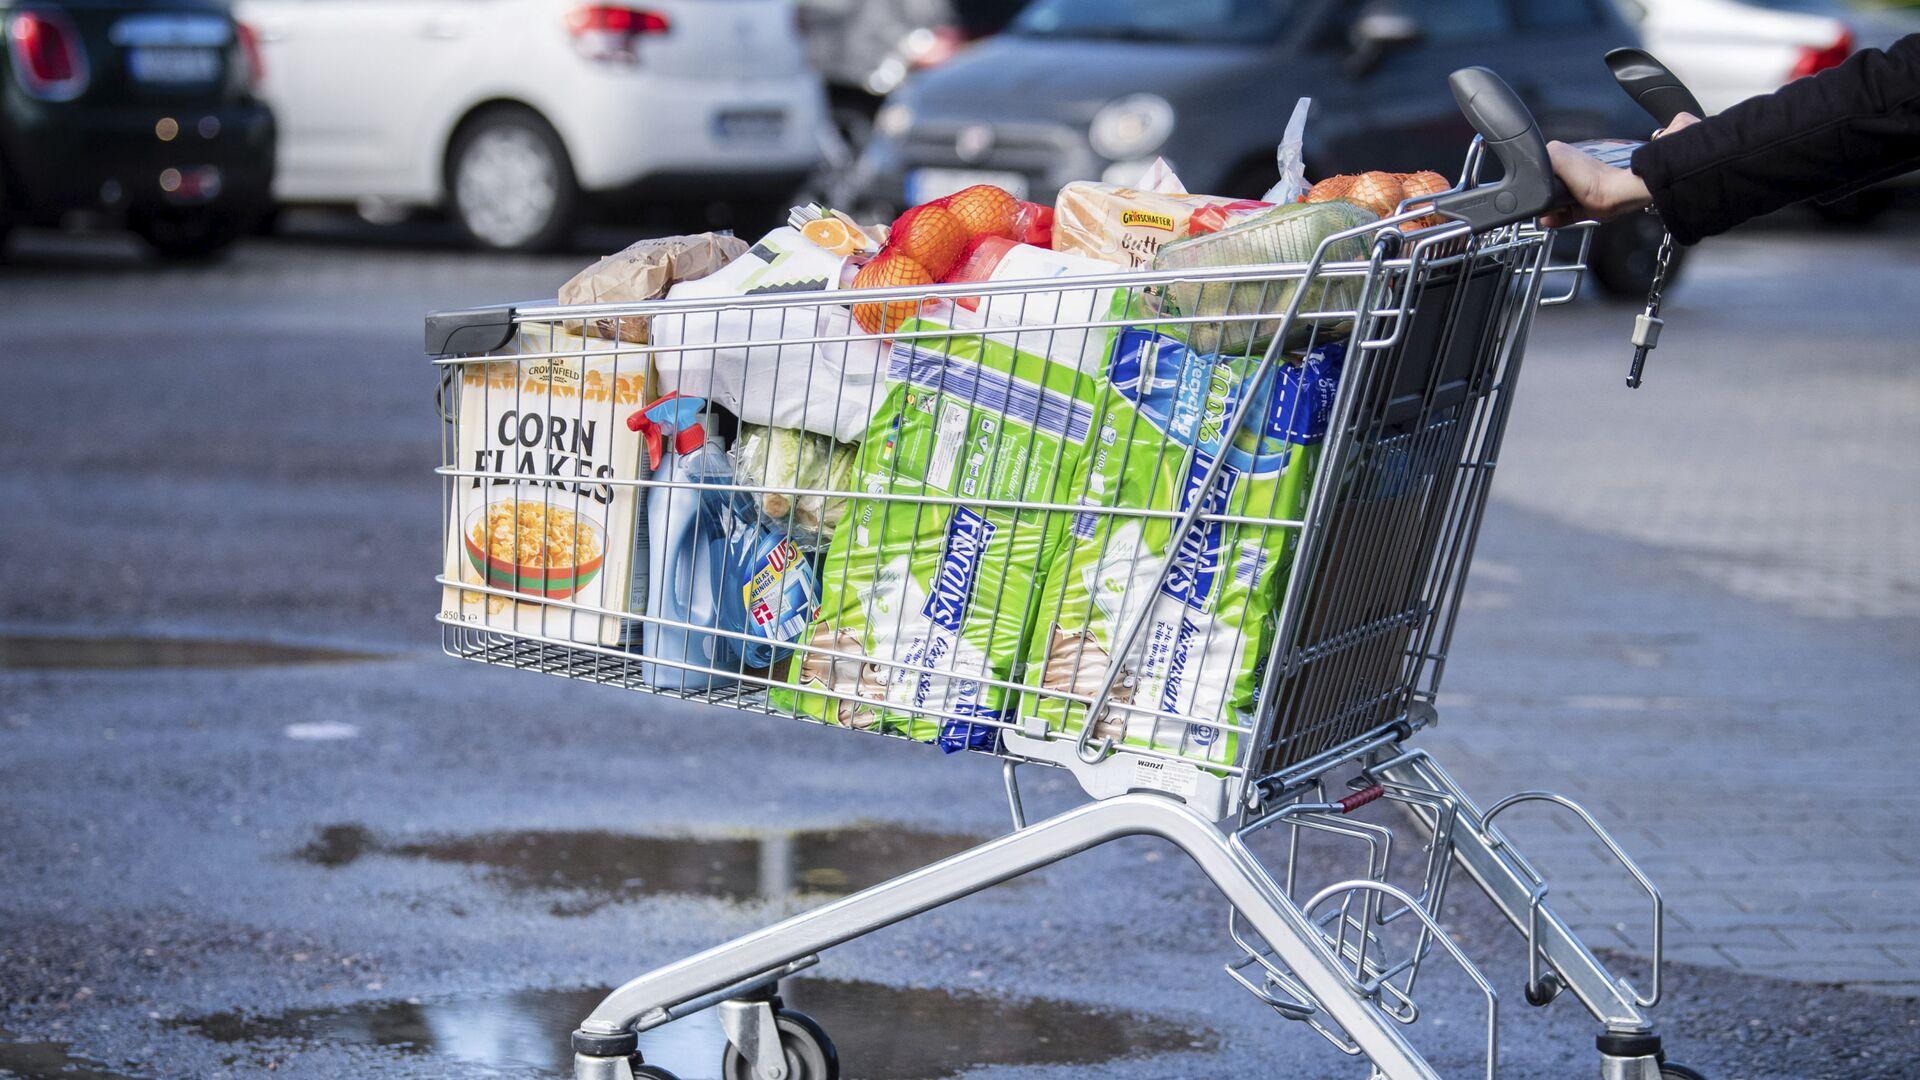 Покупатель с тележкой, наполненной продуктами в супермаркете в Германии - Sputnik Узбекистан, 1920, 08.09.2021